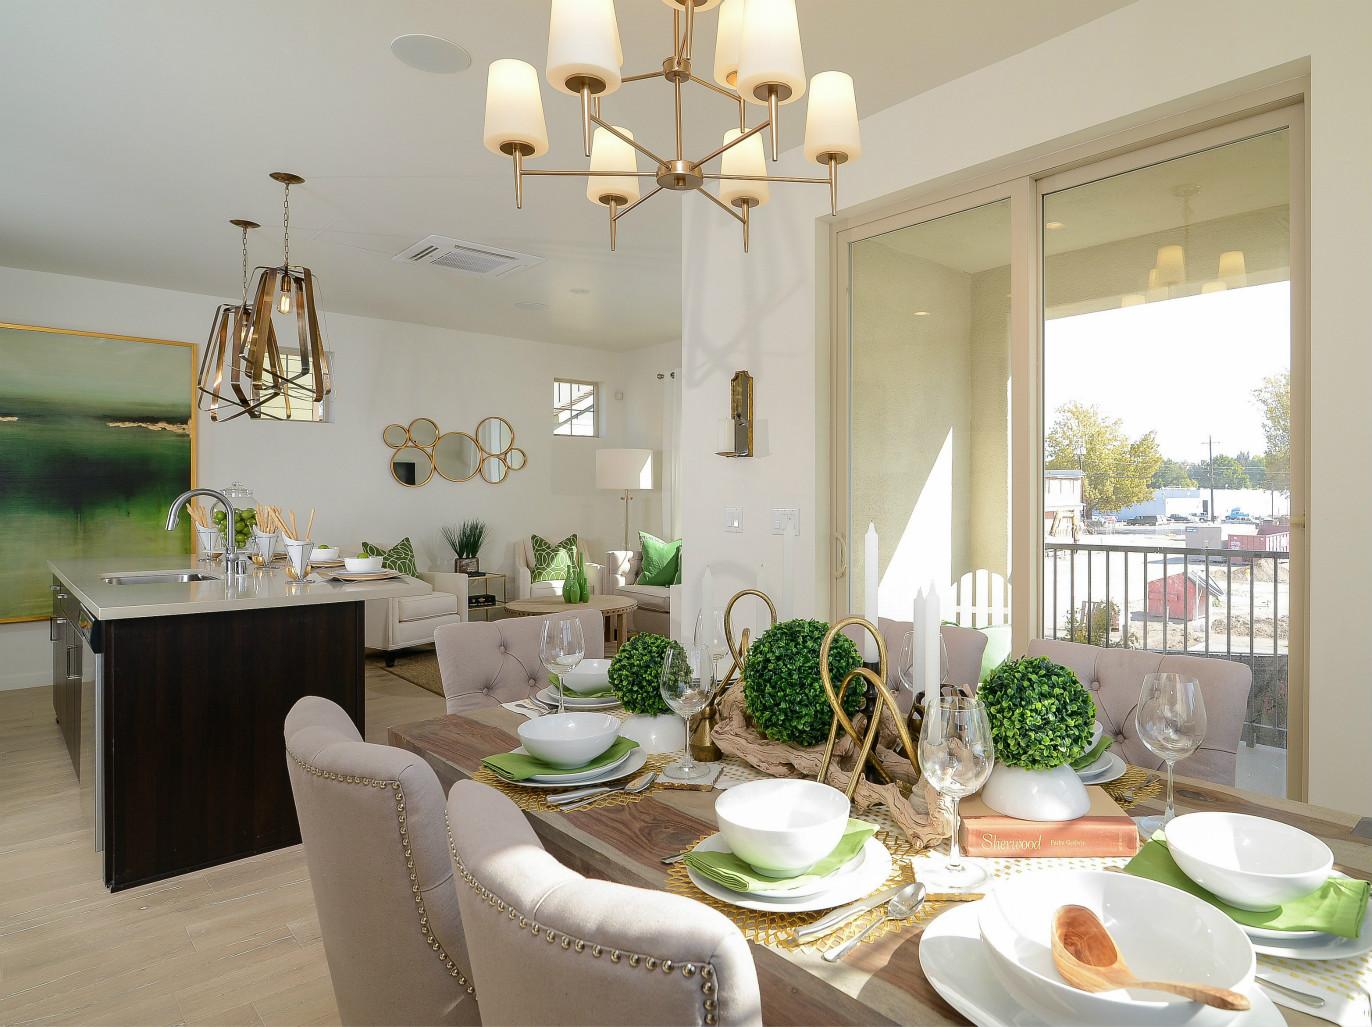 餐厅与客厅在同一水平线上,看起来更加宽敞通透。